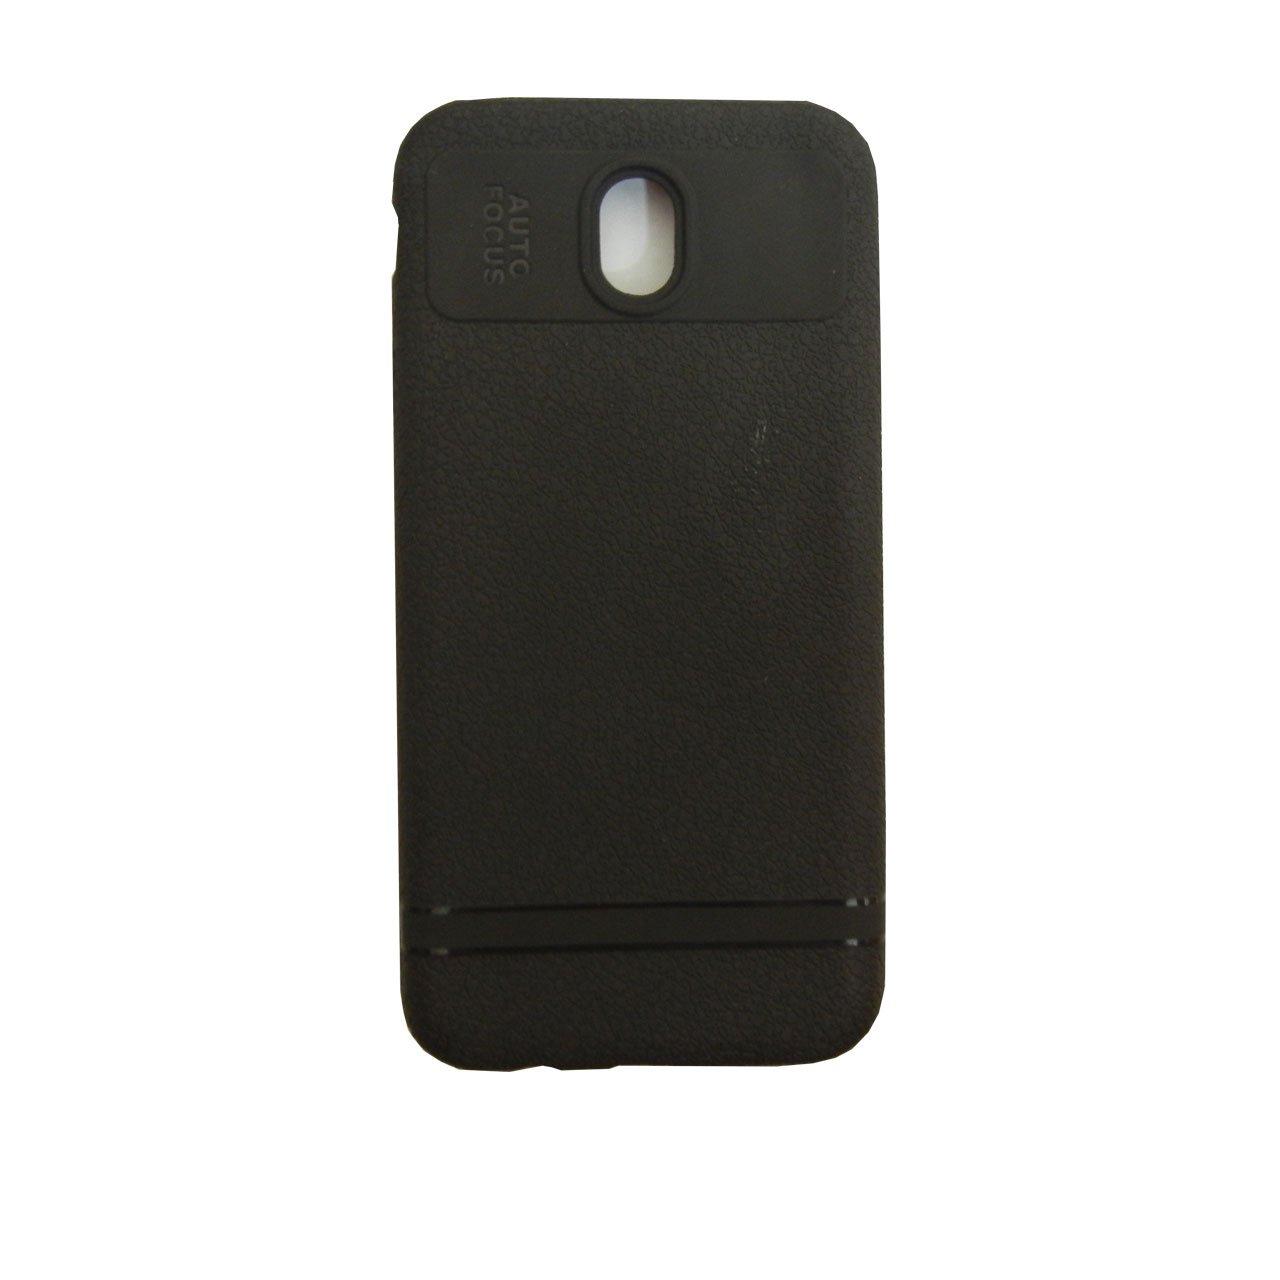 کاور موبایل مناسب برای سامسونگ J530